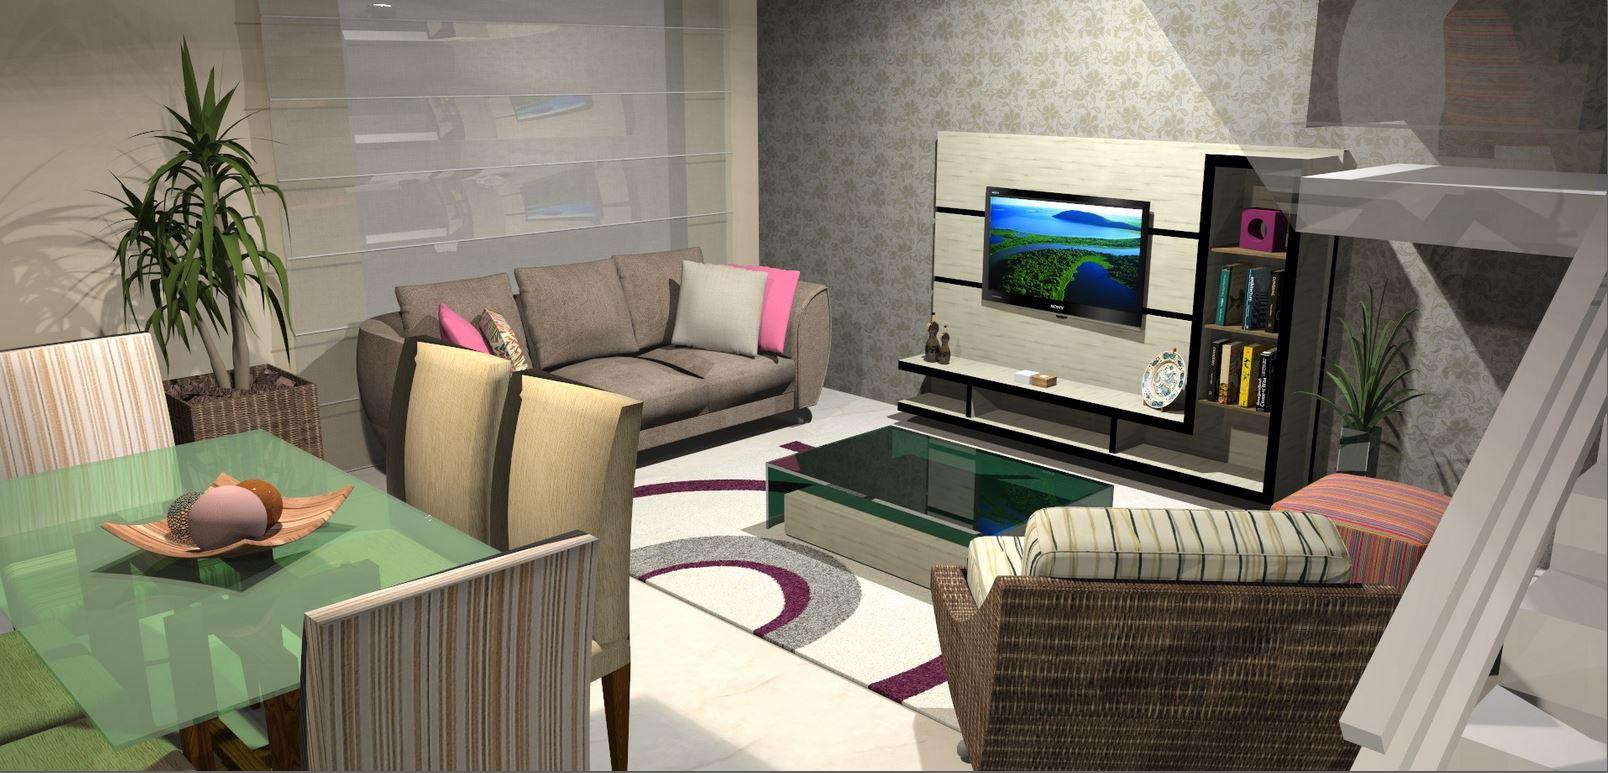 #1E67AD Projeto de Interiores – Sala Estar/Jantar Débora Bonetto 1608x773 píxeis em Decoração Sala De Estar Com Jantar